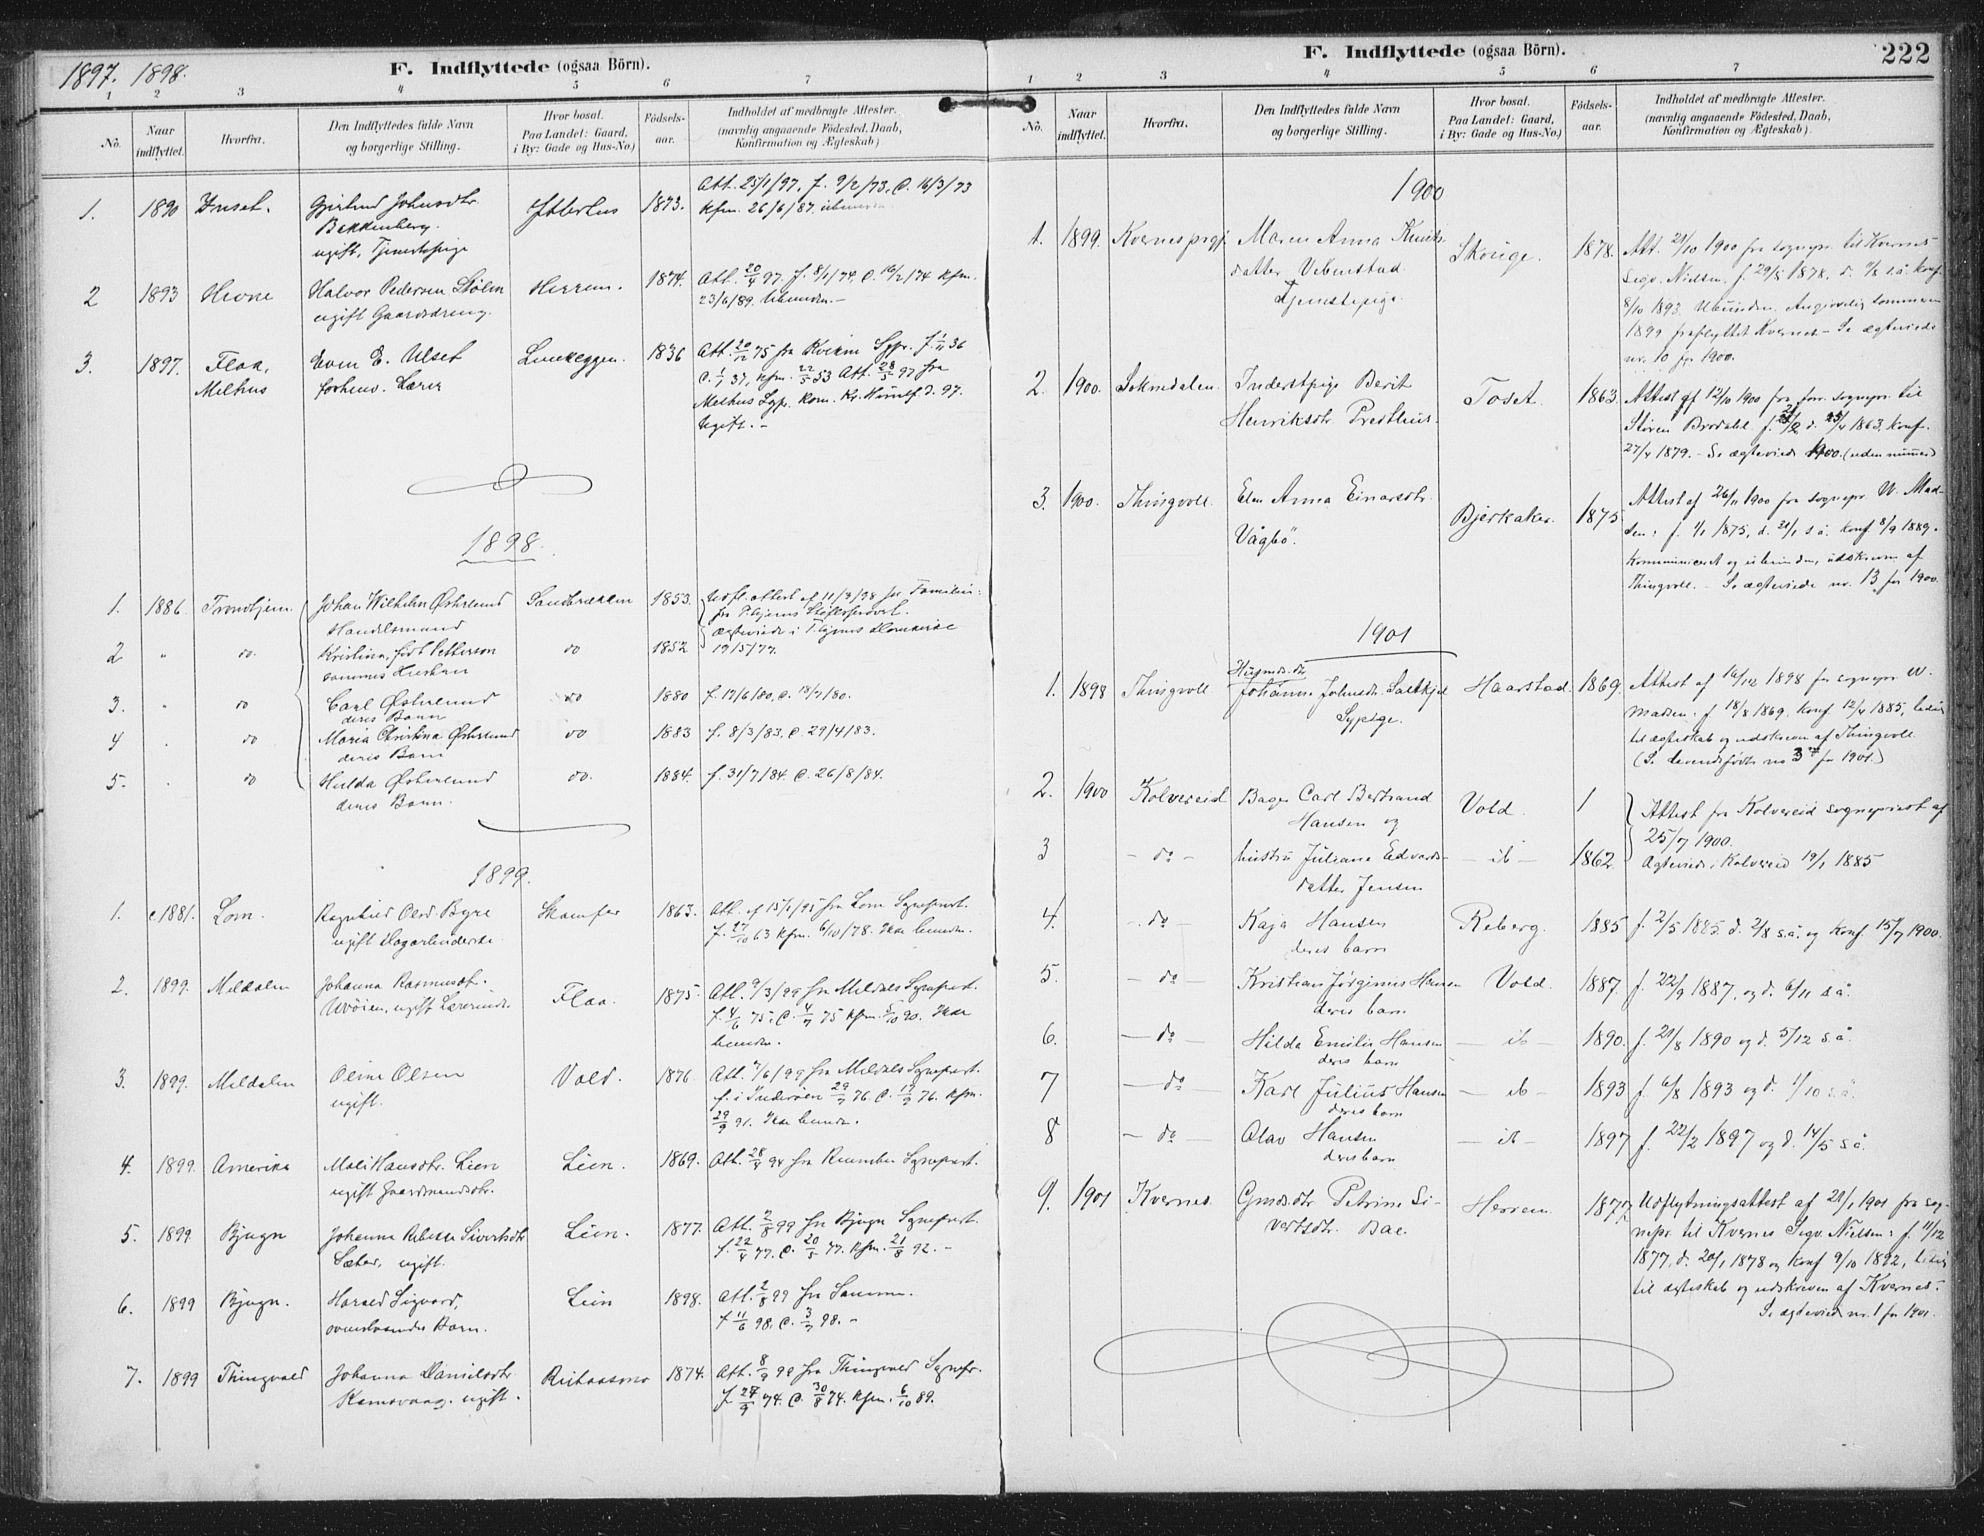 SAT, Ministerialprotokoller, klokkerbøker og fødselsregistre - Sør-Trøndelag, 674/L0872: Ministerialbok nr. 674A04, 1897-1907, s. 222